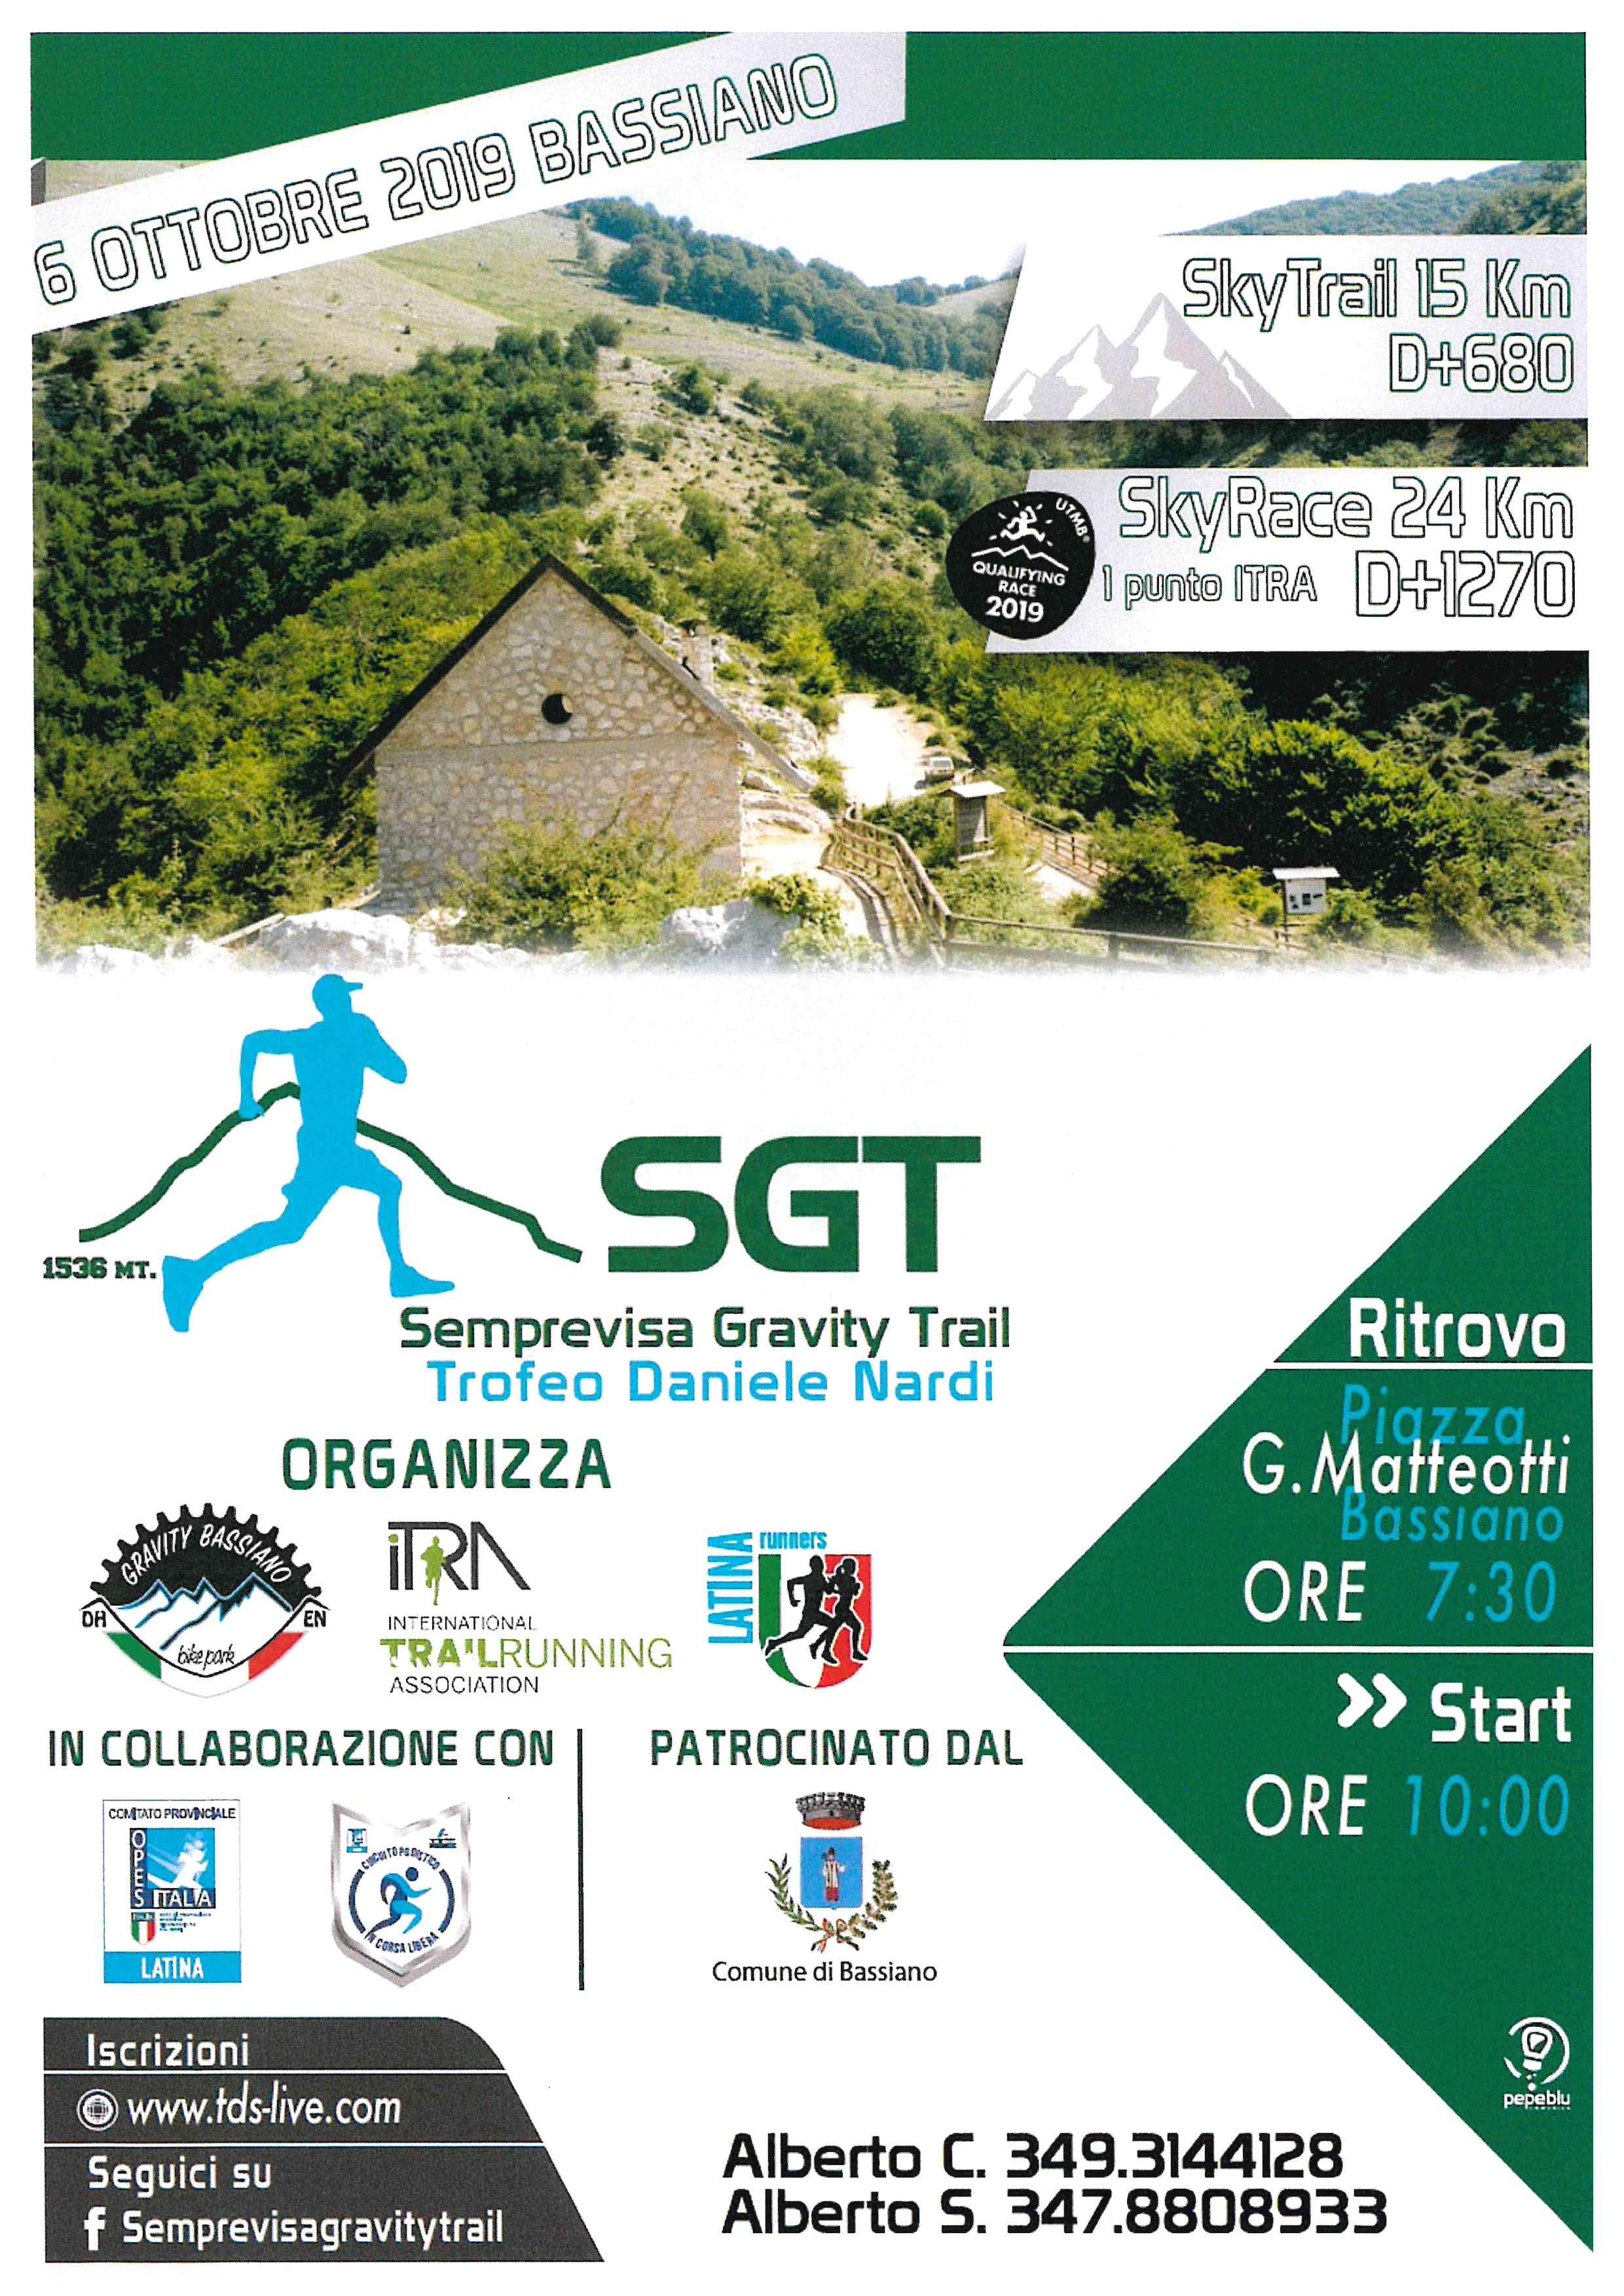 SGT SEMPREVISA GRAVITY TRAIL  TROFEO DANIELE NARDI - Ritrovo Piazza G. Matteotti ore 07:30 - Start ore 10:00